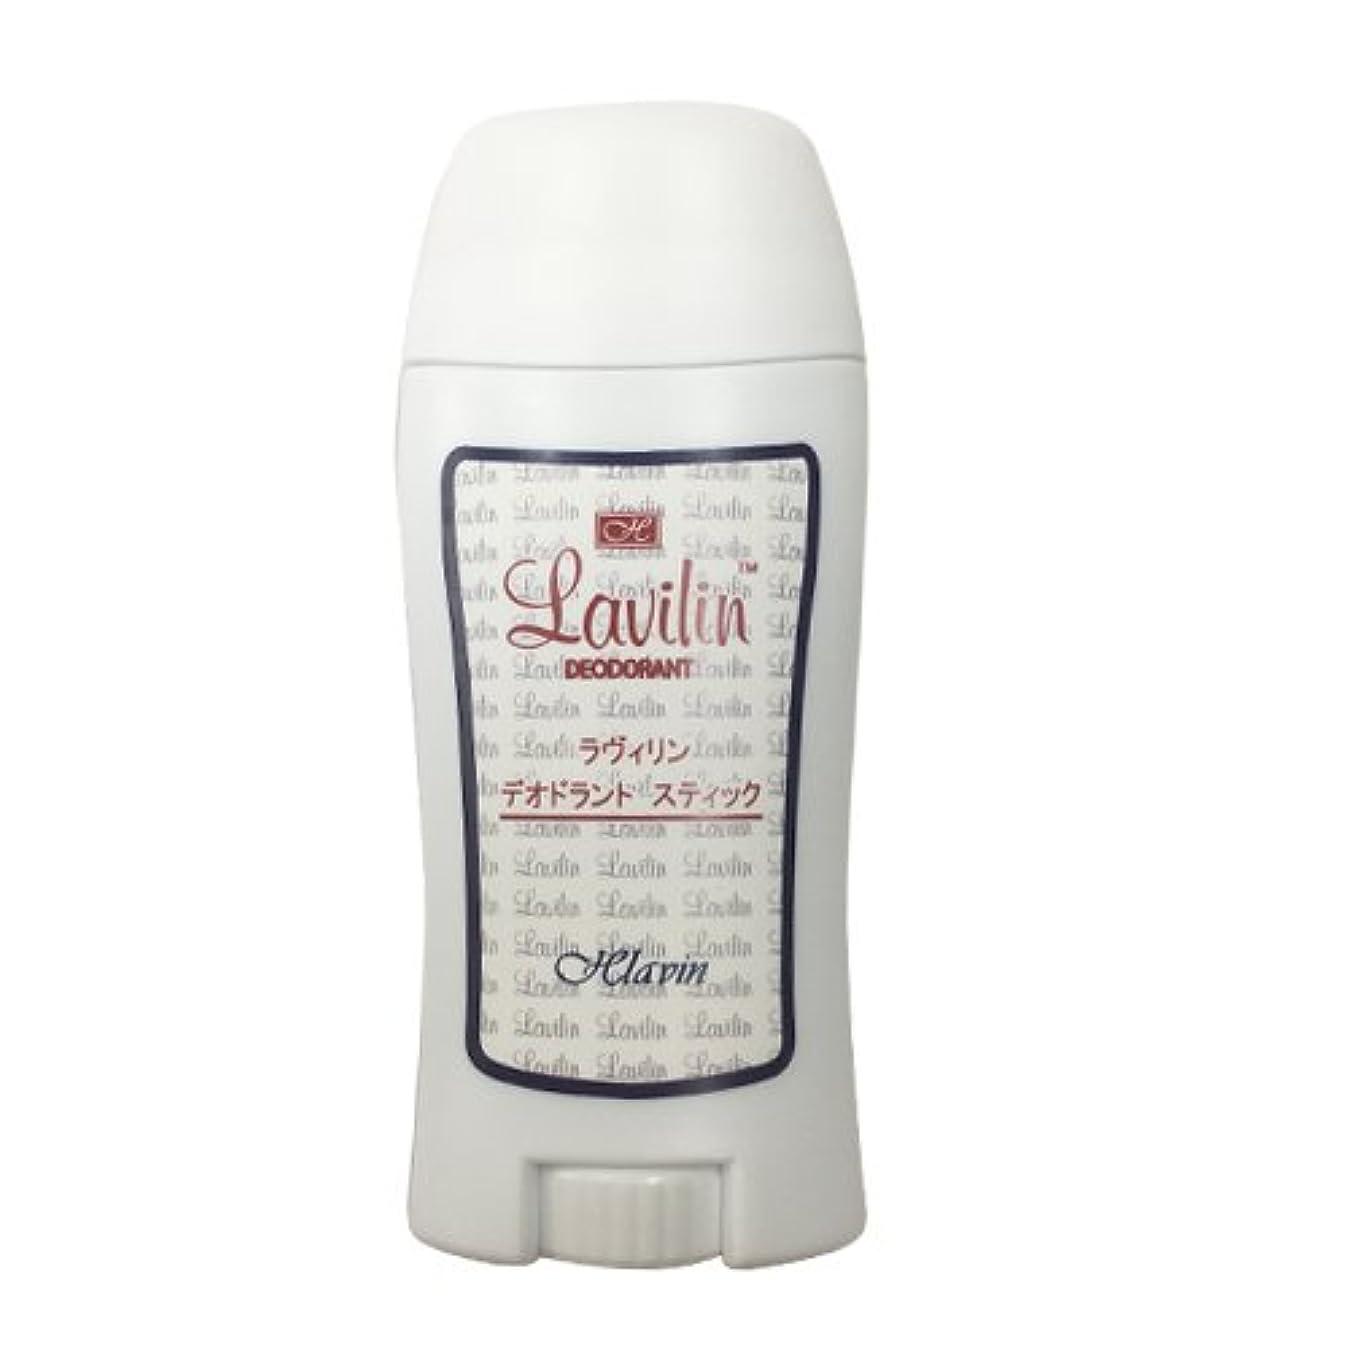 承知しましたスズメバチ攻撃的ラヴィリン デオドラント スティック (Lavilin deodorant stick) 60ml